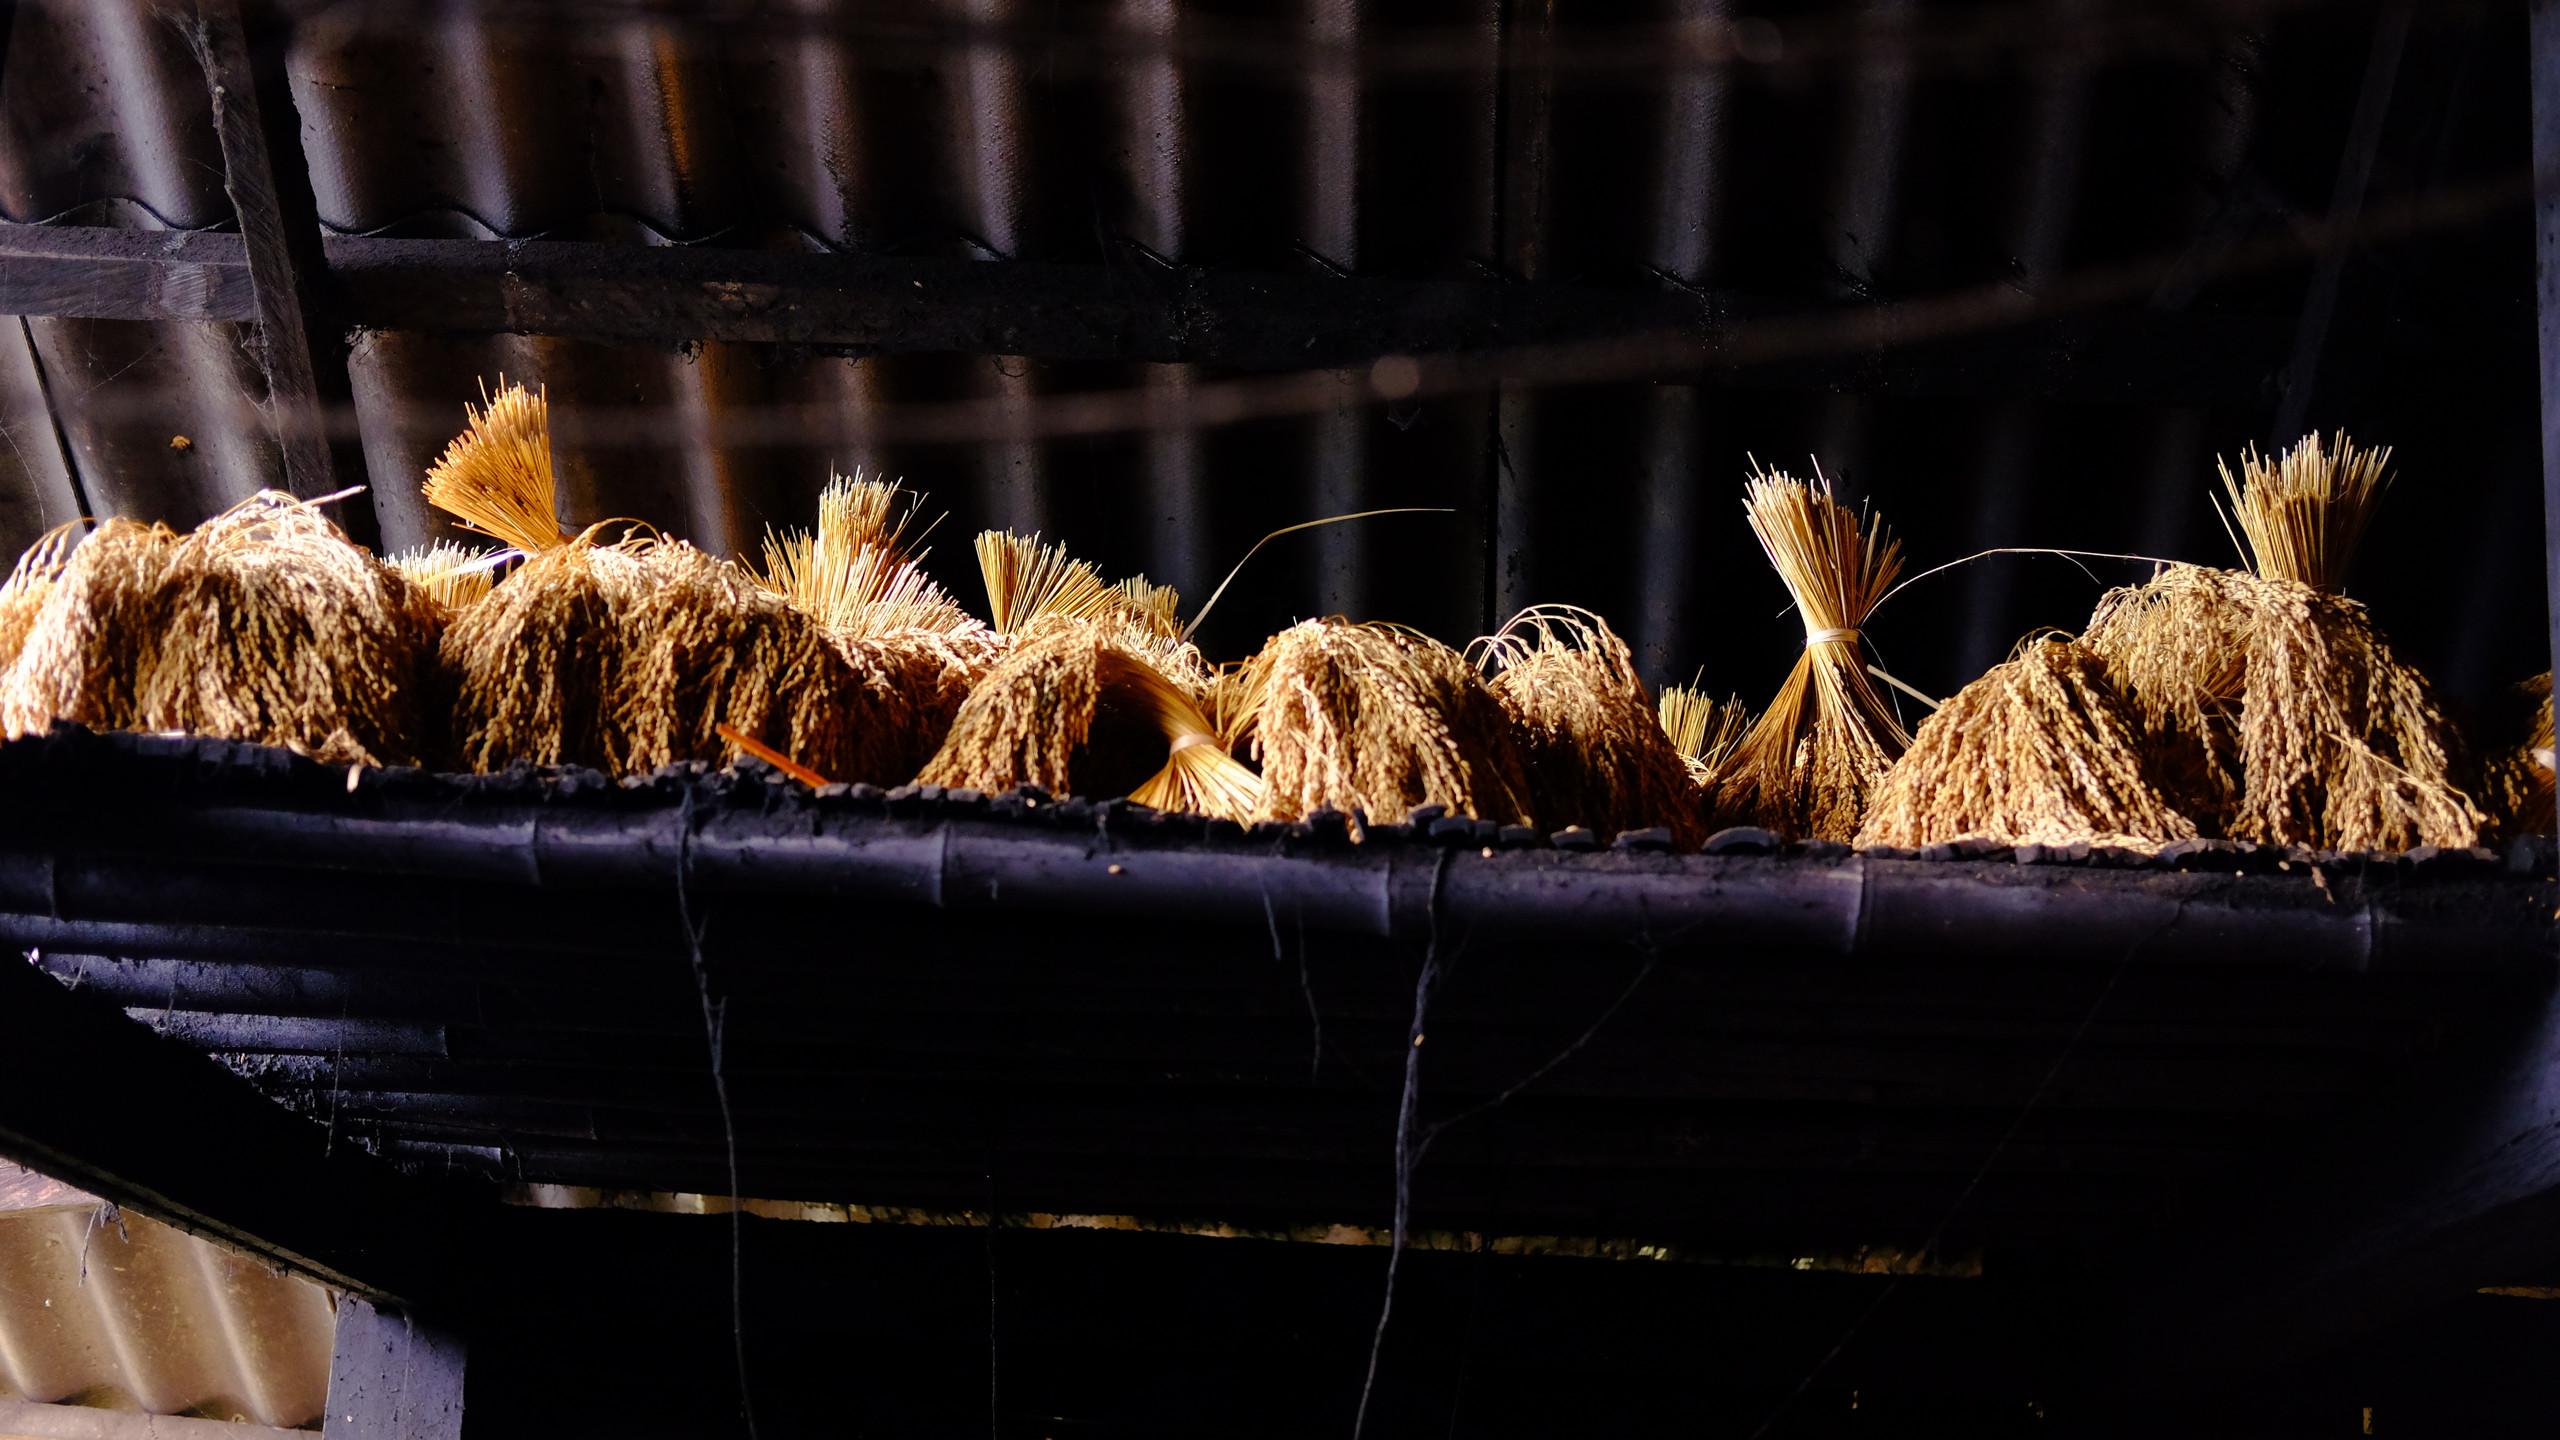 Séchage du riz au dessus du foyer